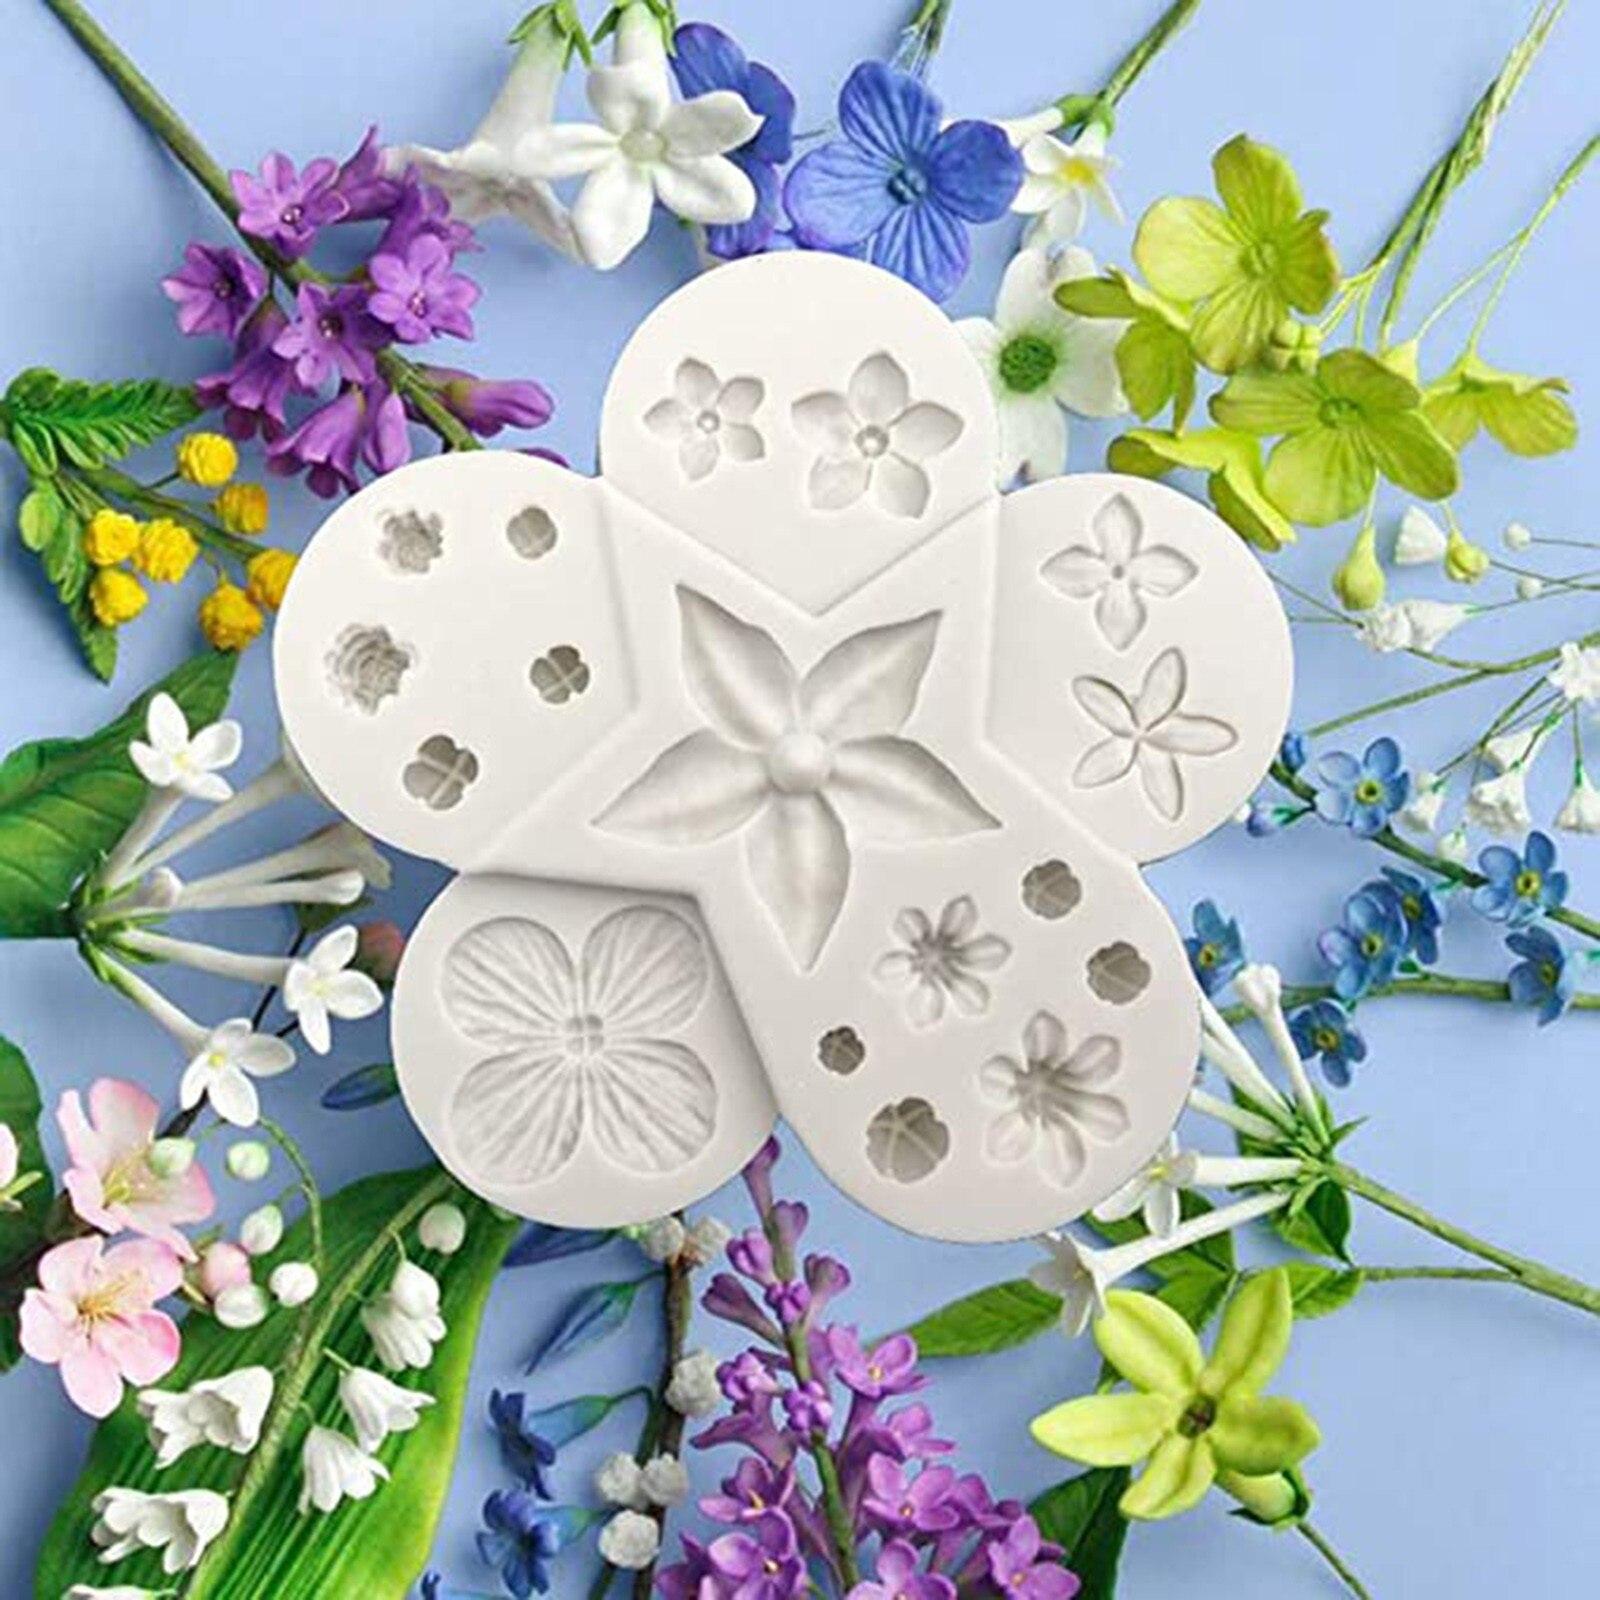 Цветок силиконовая форма в виде листьев для Fondant (сахарная) шоколад эпоксидной смолы для изделий из сахара, кондитерские кекс украшения Кухн...